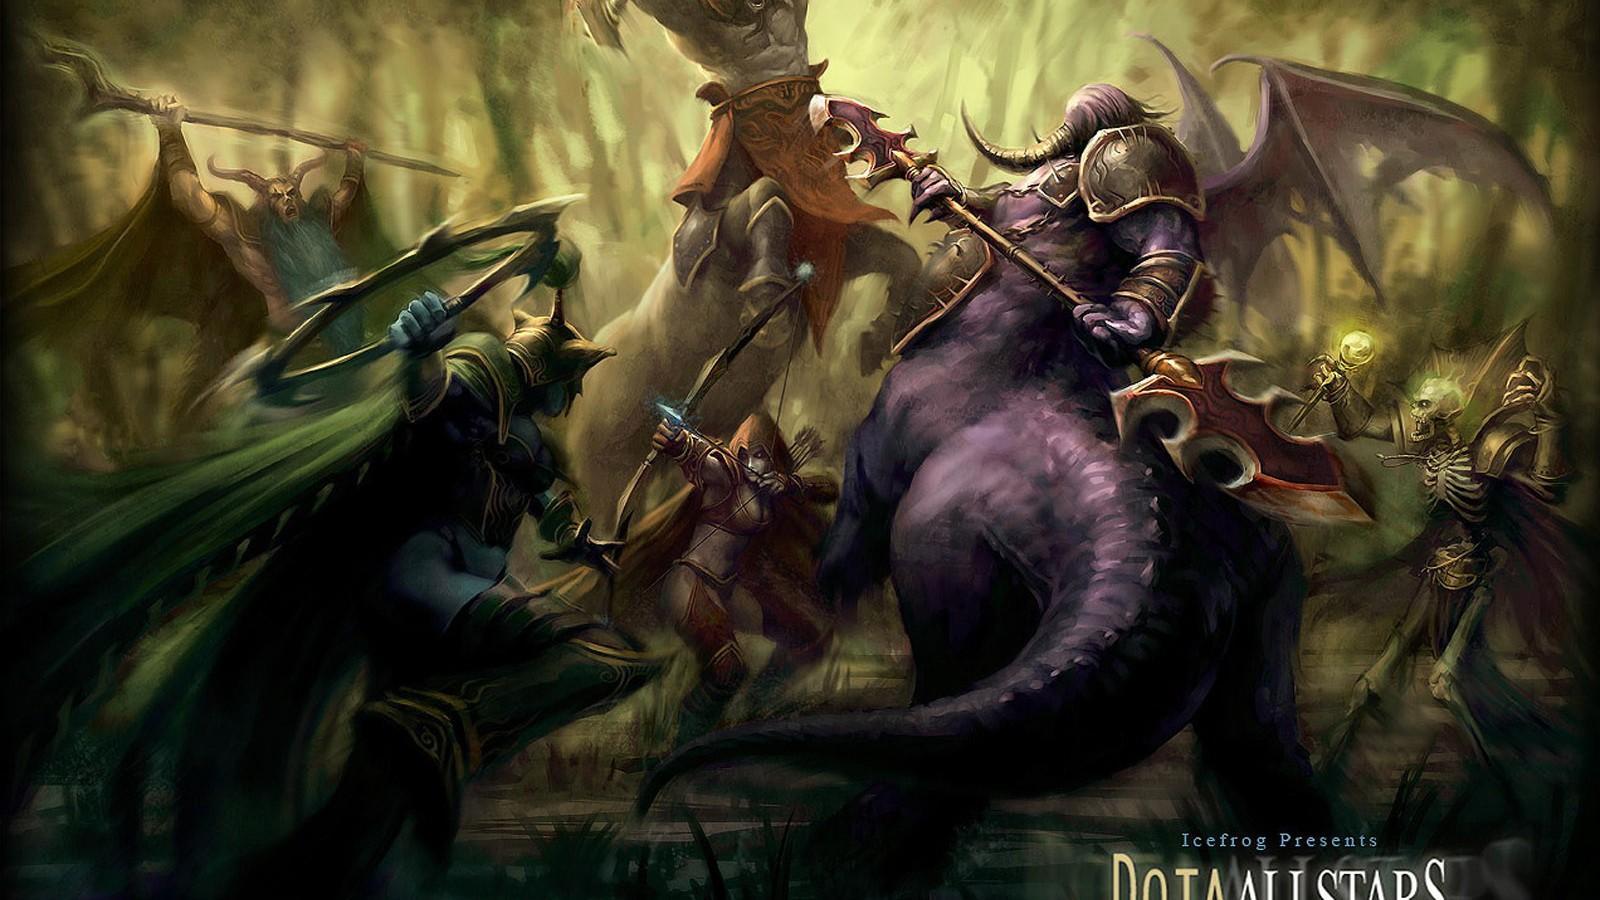 魔兽争霸3新补丁1.29评测:游戏涅槃的开始